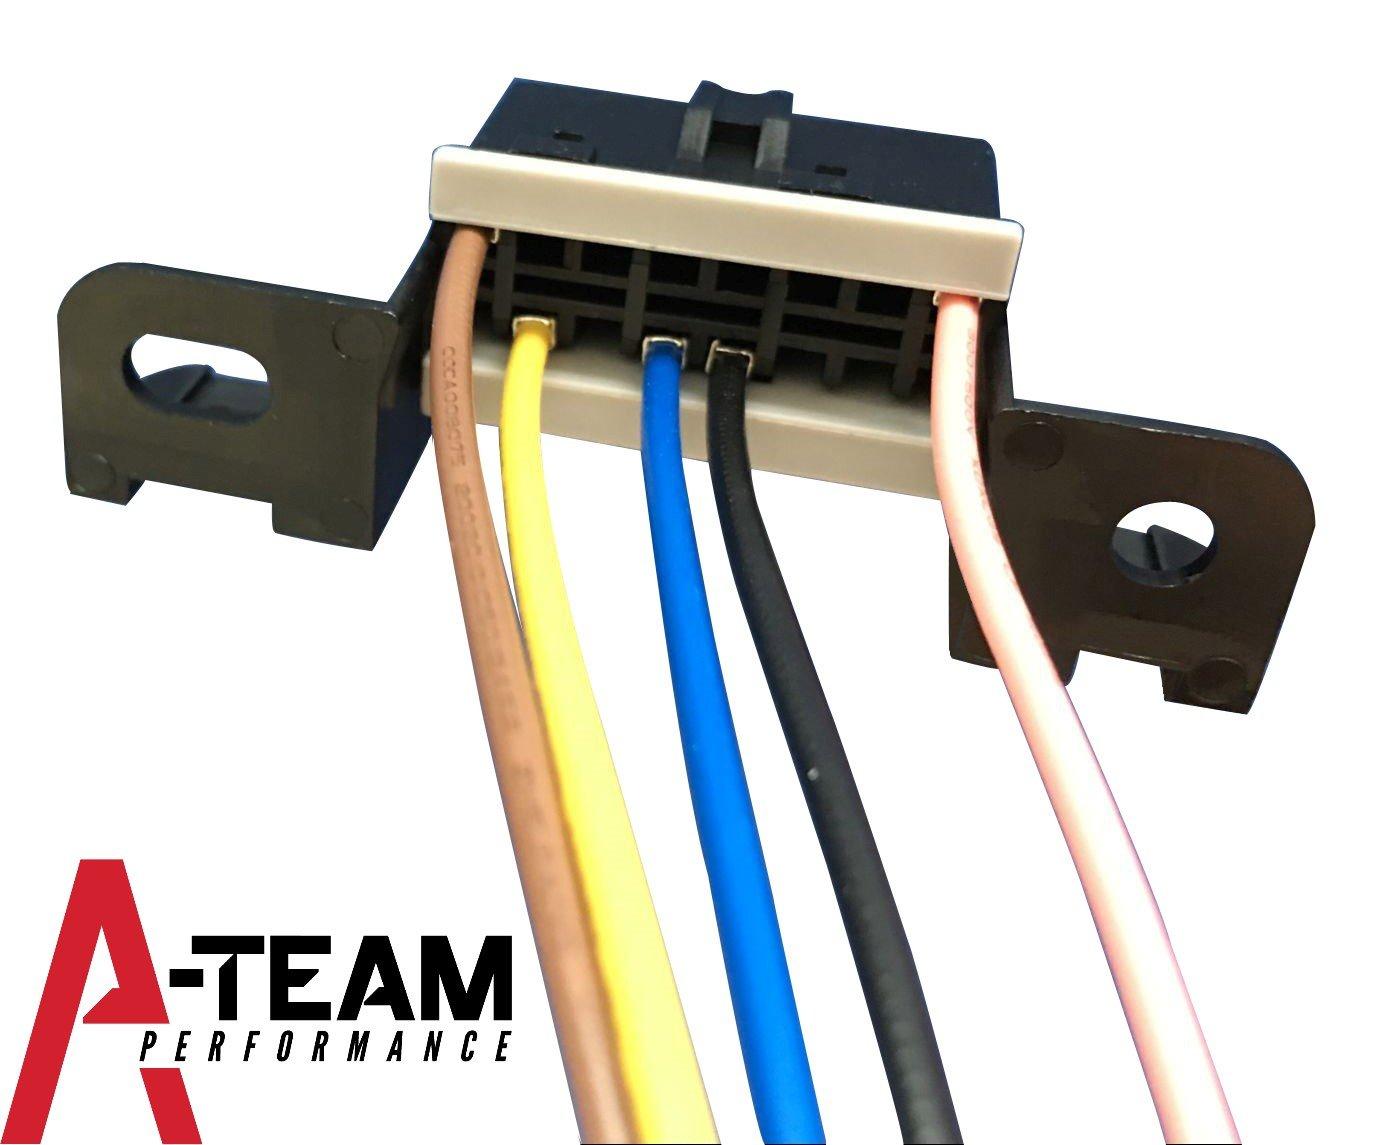 A Team Performance Obd Ii Obd2 Dash Port Wire Pigtail 97 Gmc Wiring Connector Plug In Chevy Ls Lsx Ls1 Ls2 Ls3 Ls6 Ls7 L92 Lq4 Lm7 48l 53l